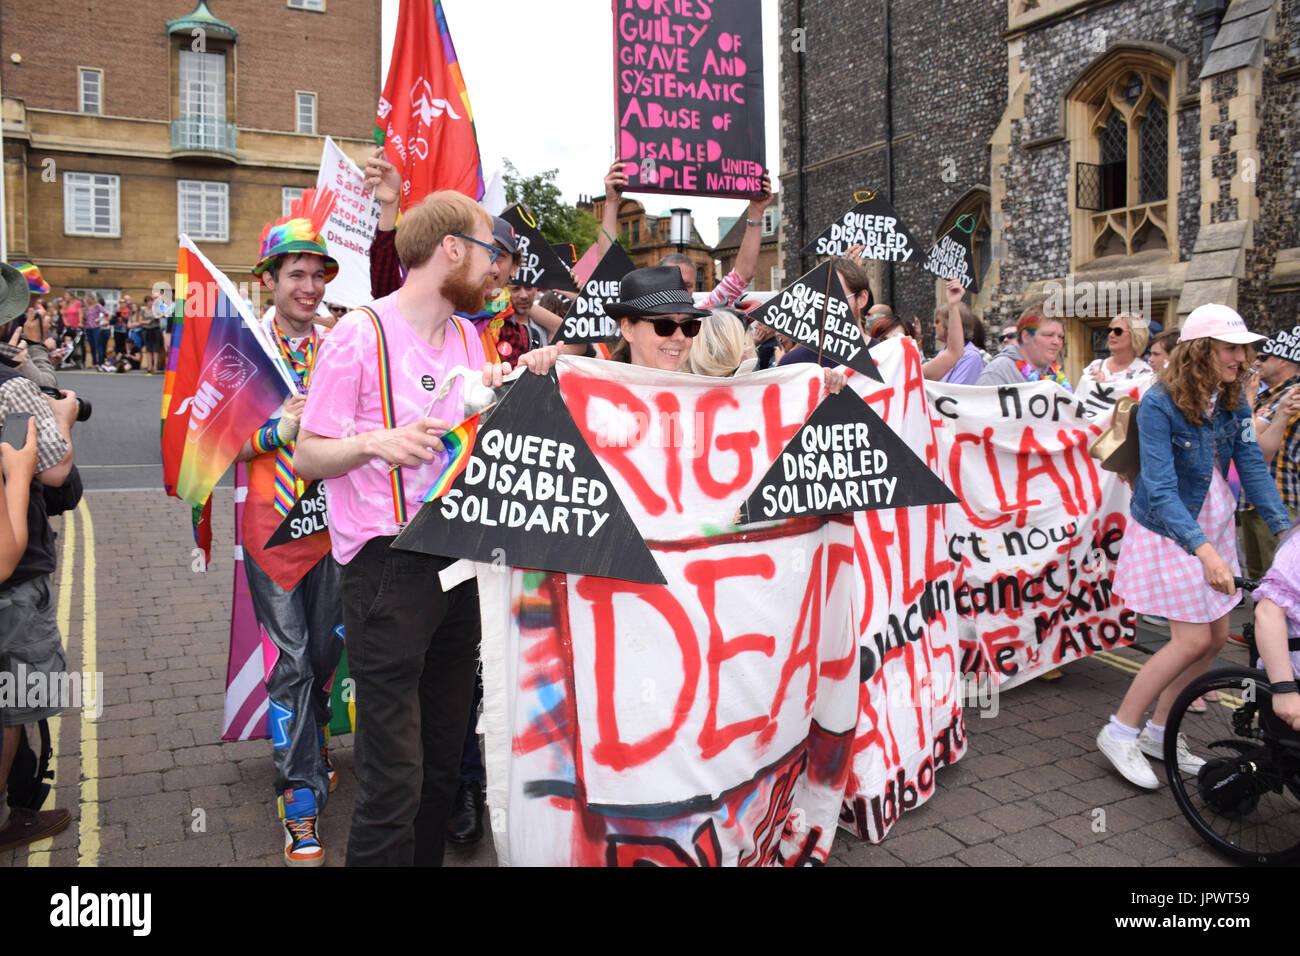 Lgbt Pride Imágenes De Stock & Lgbt Pride Fotos De Stock - Alamy